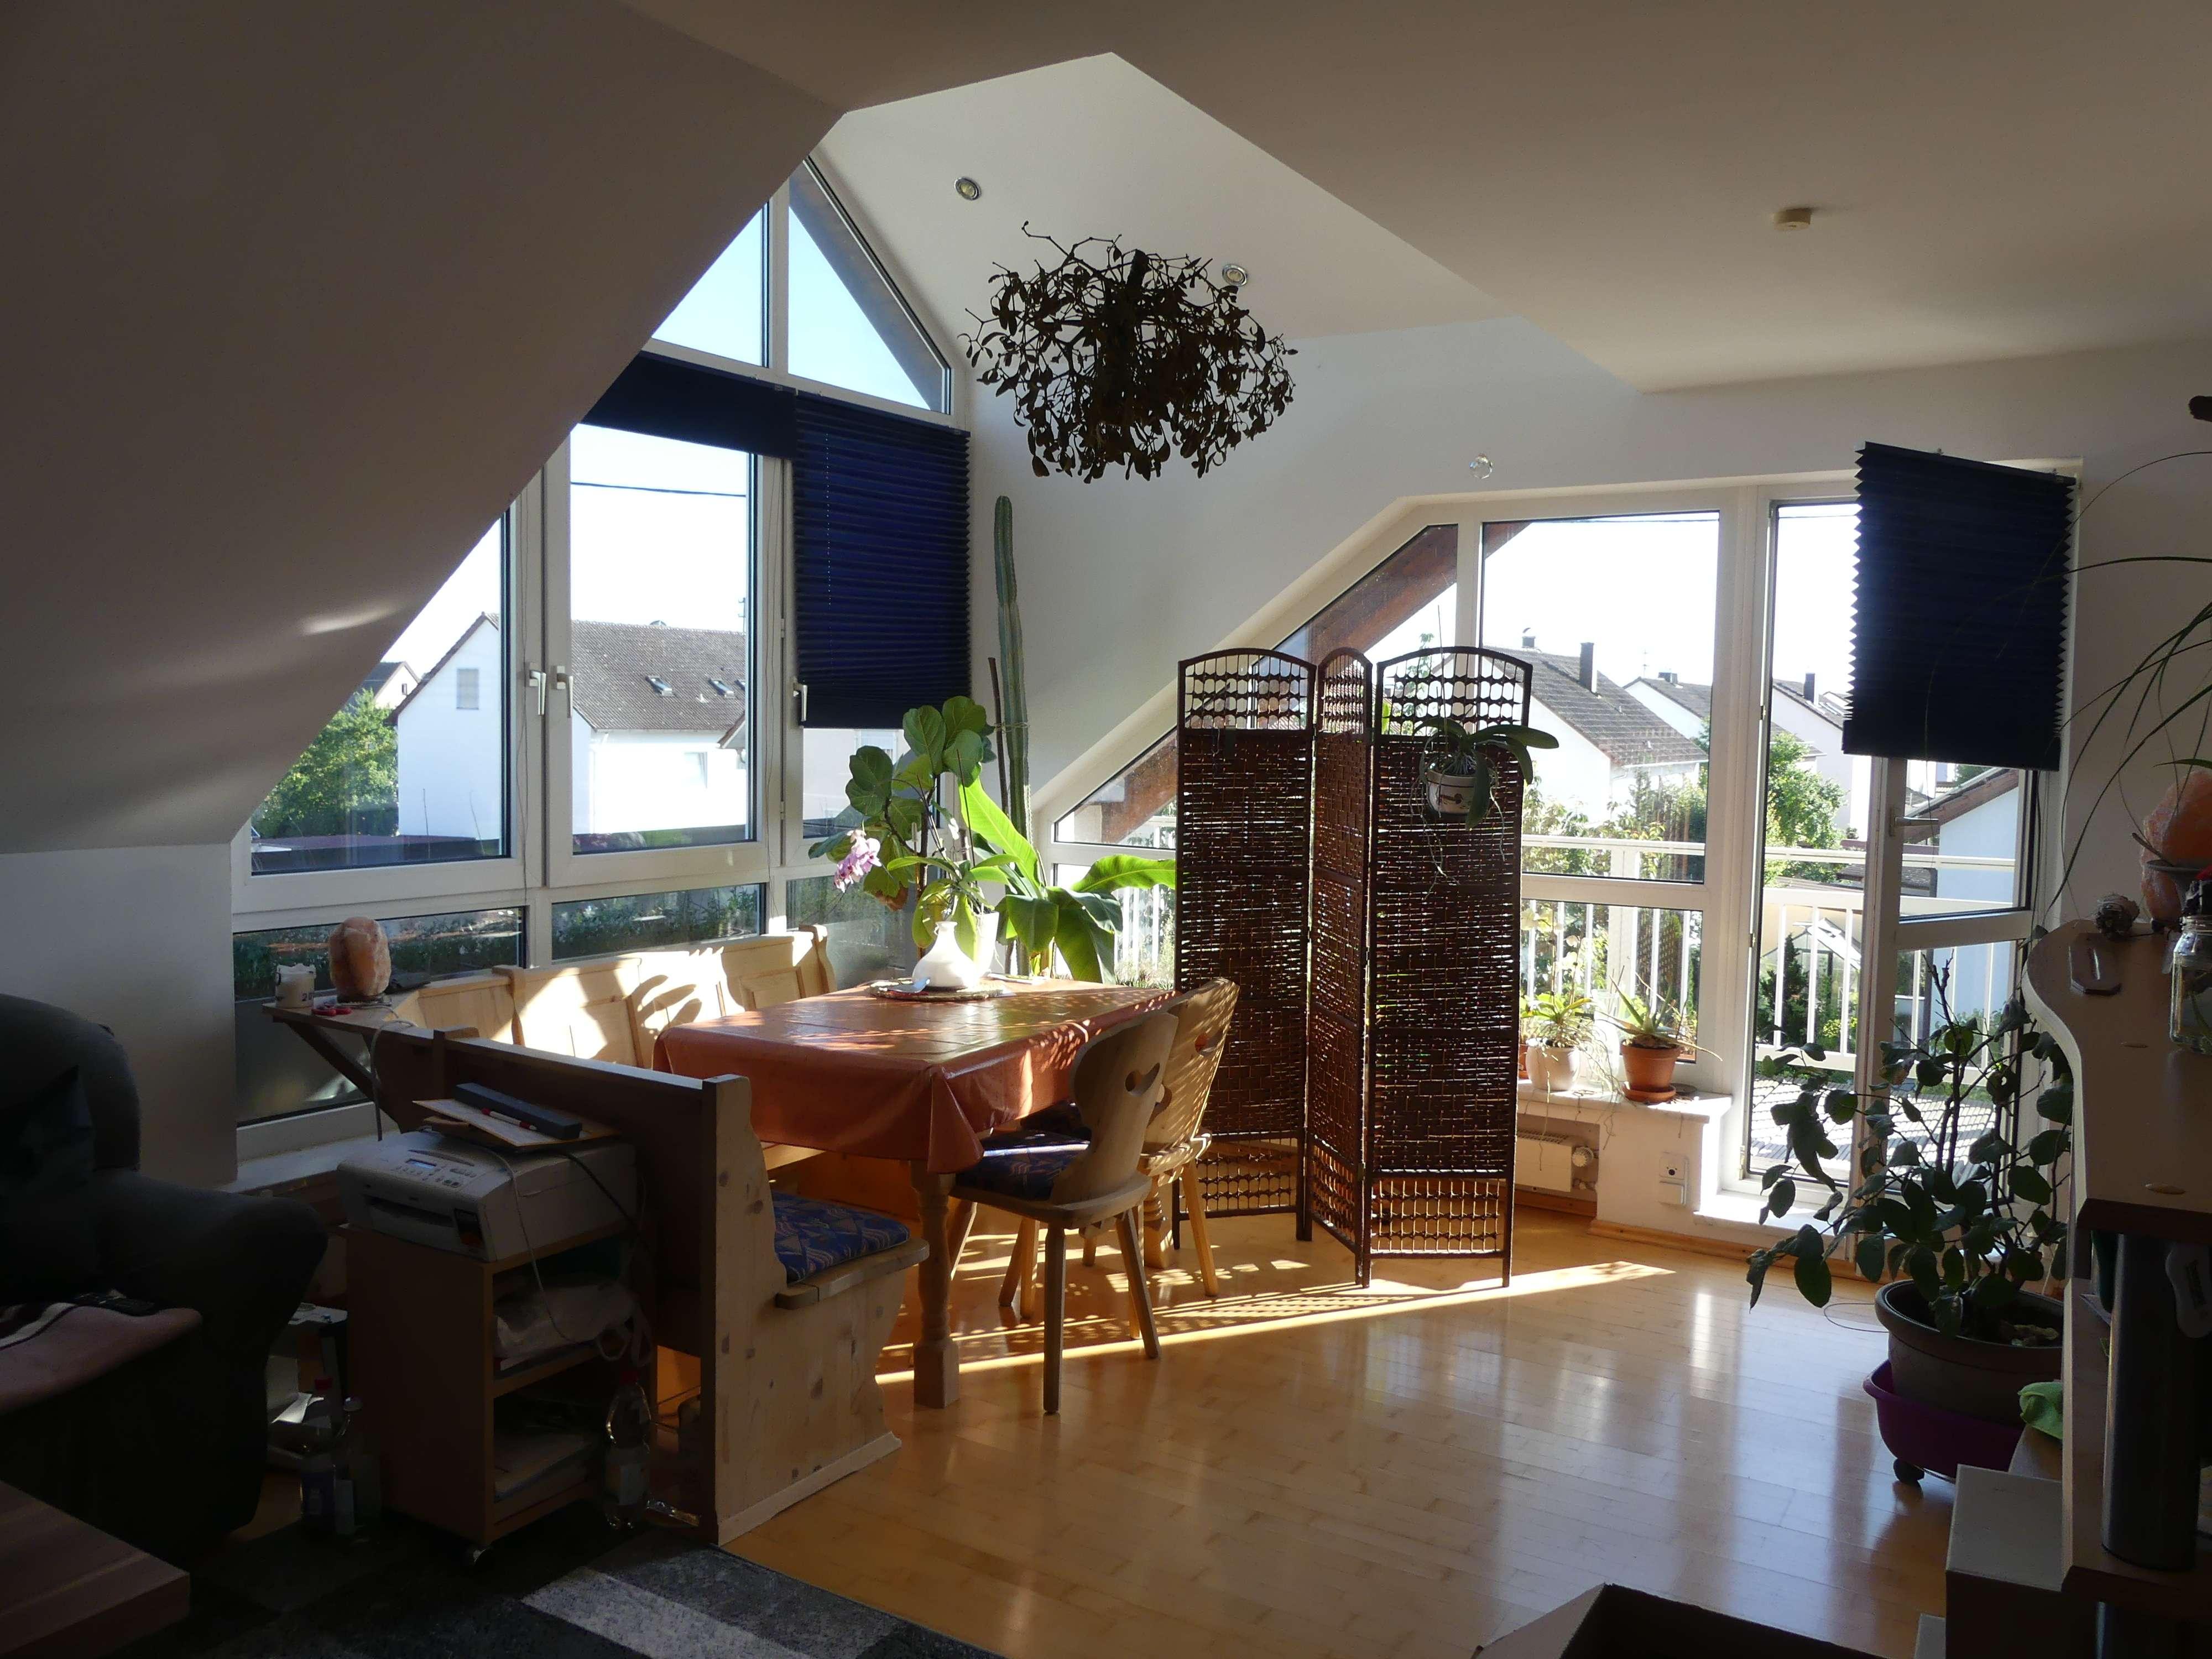 Hochwertige 3-Zimmer Wohnung in Augsburg (Kreis), Langweid am Lech